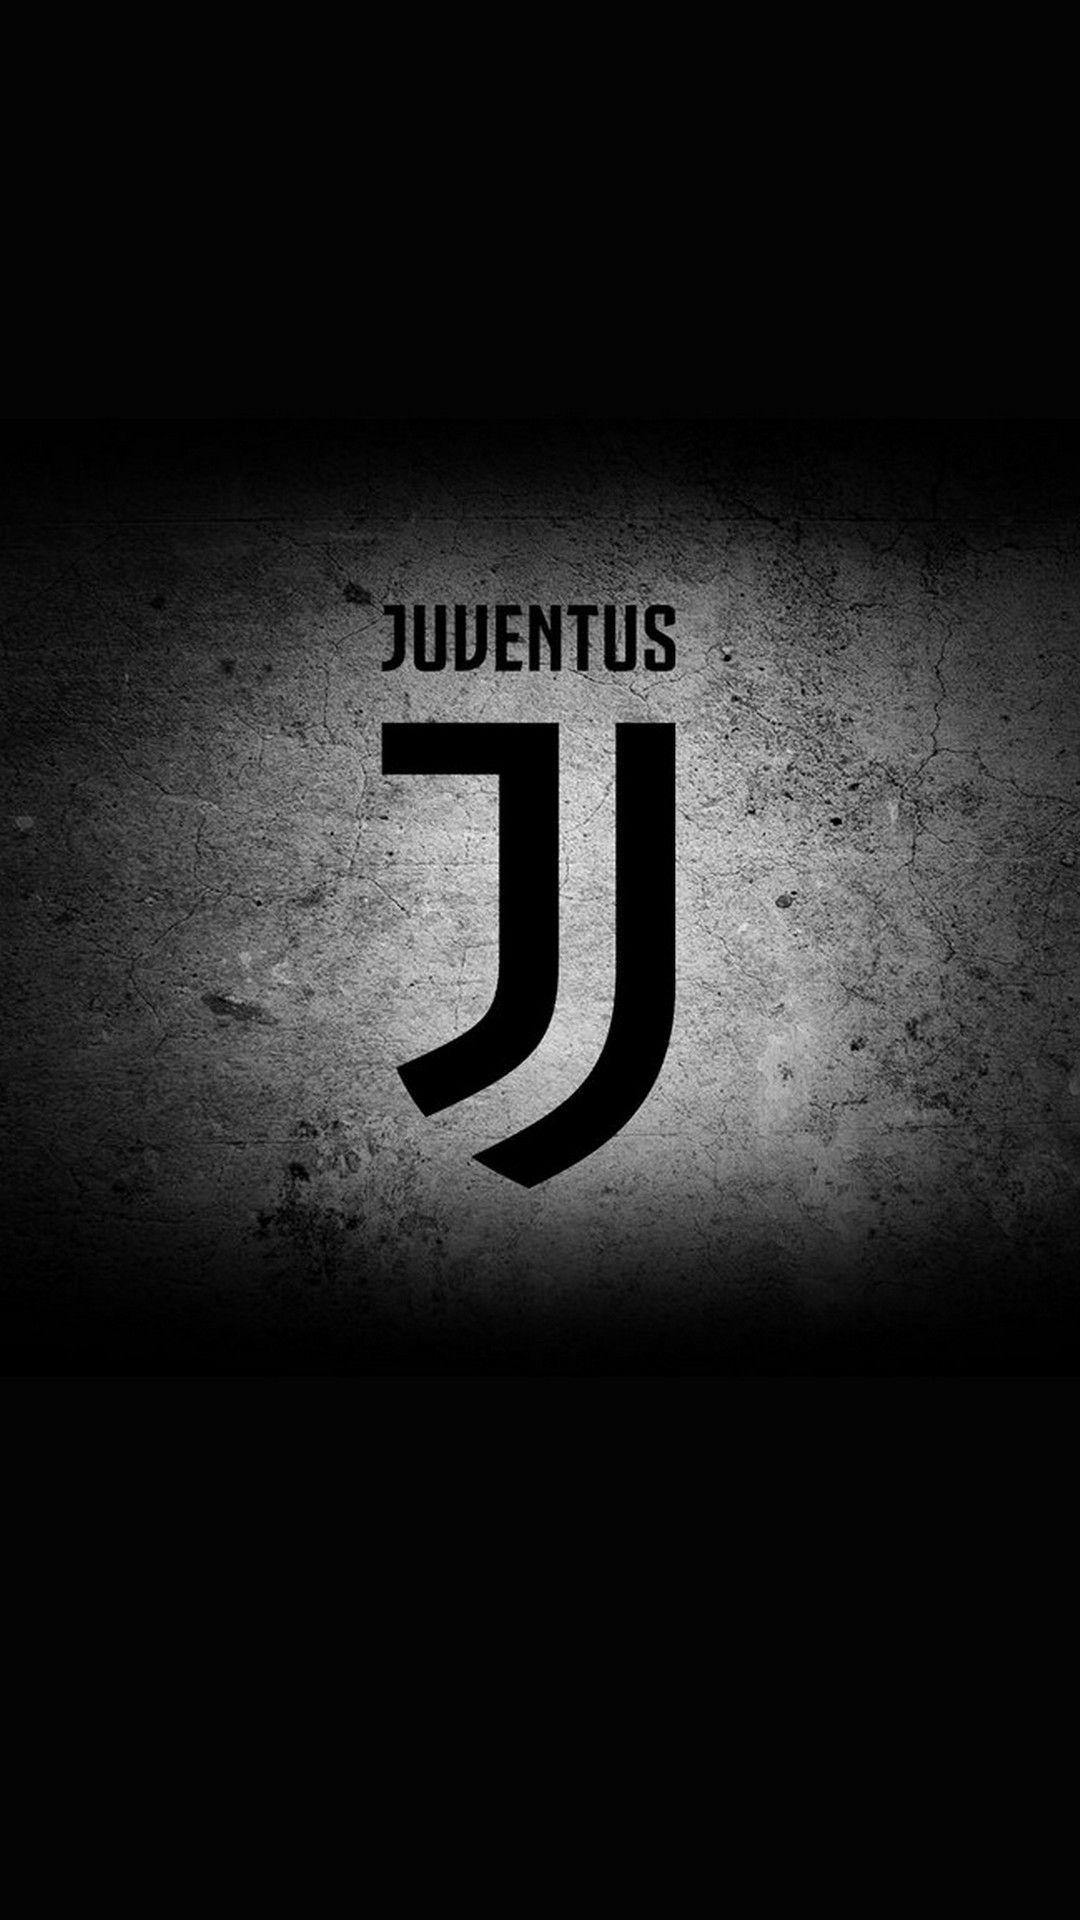 2000 Wallpaper Keren Juventus Paling Keren Juventus Wallpapers Logo Juventus Juventus